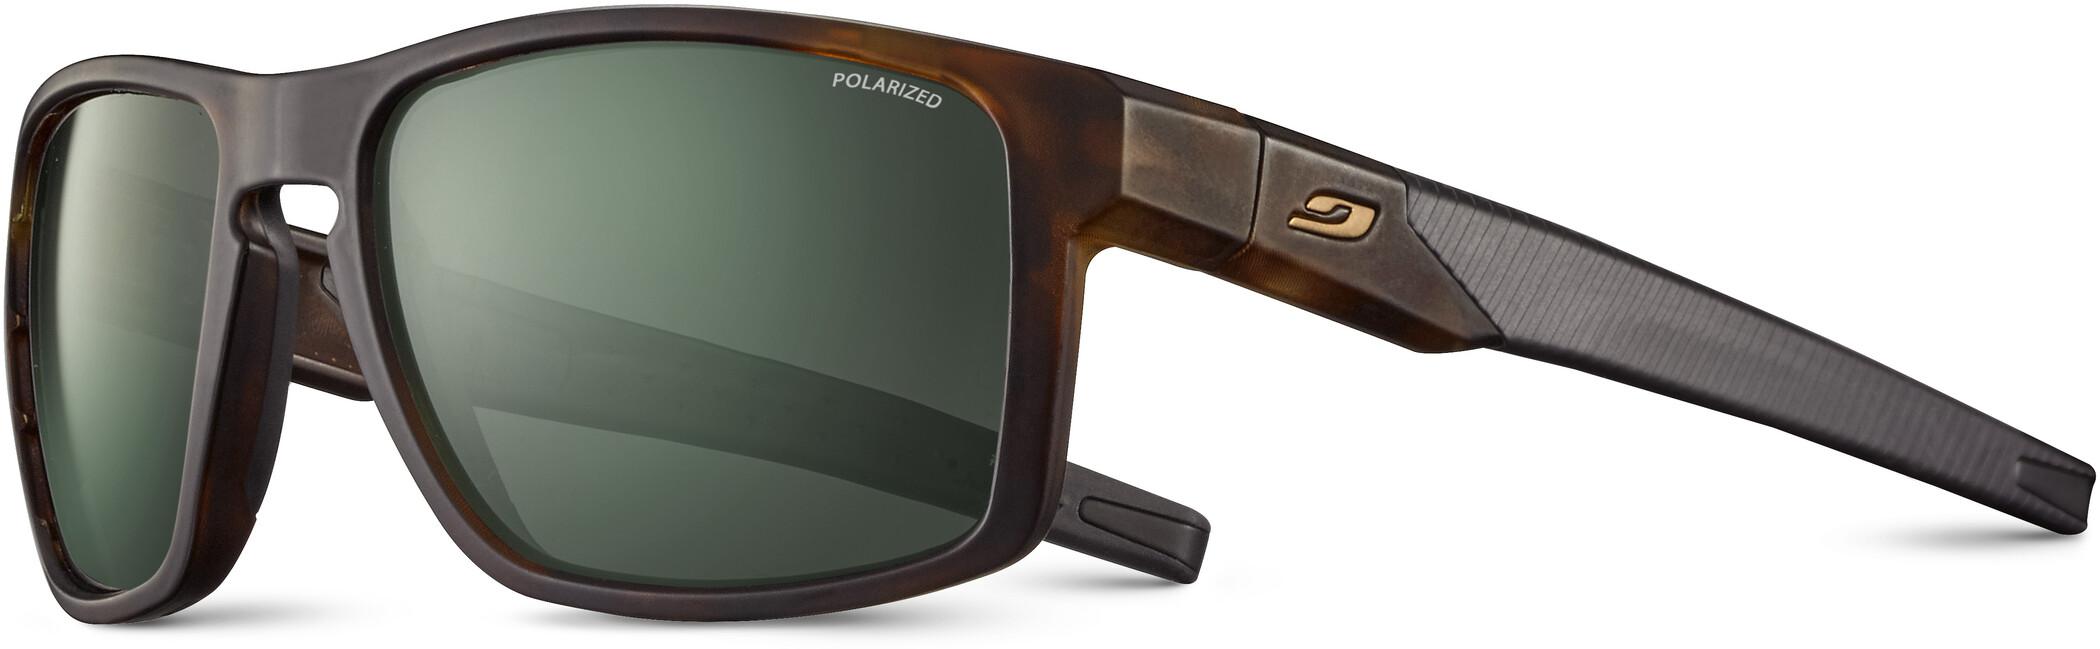 Julbo Stream Polarized 3 Solbriller Herrer, brown tortoiseshell (2019) | Glasses